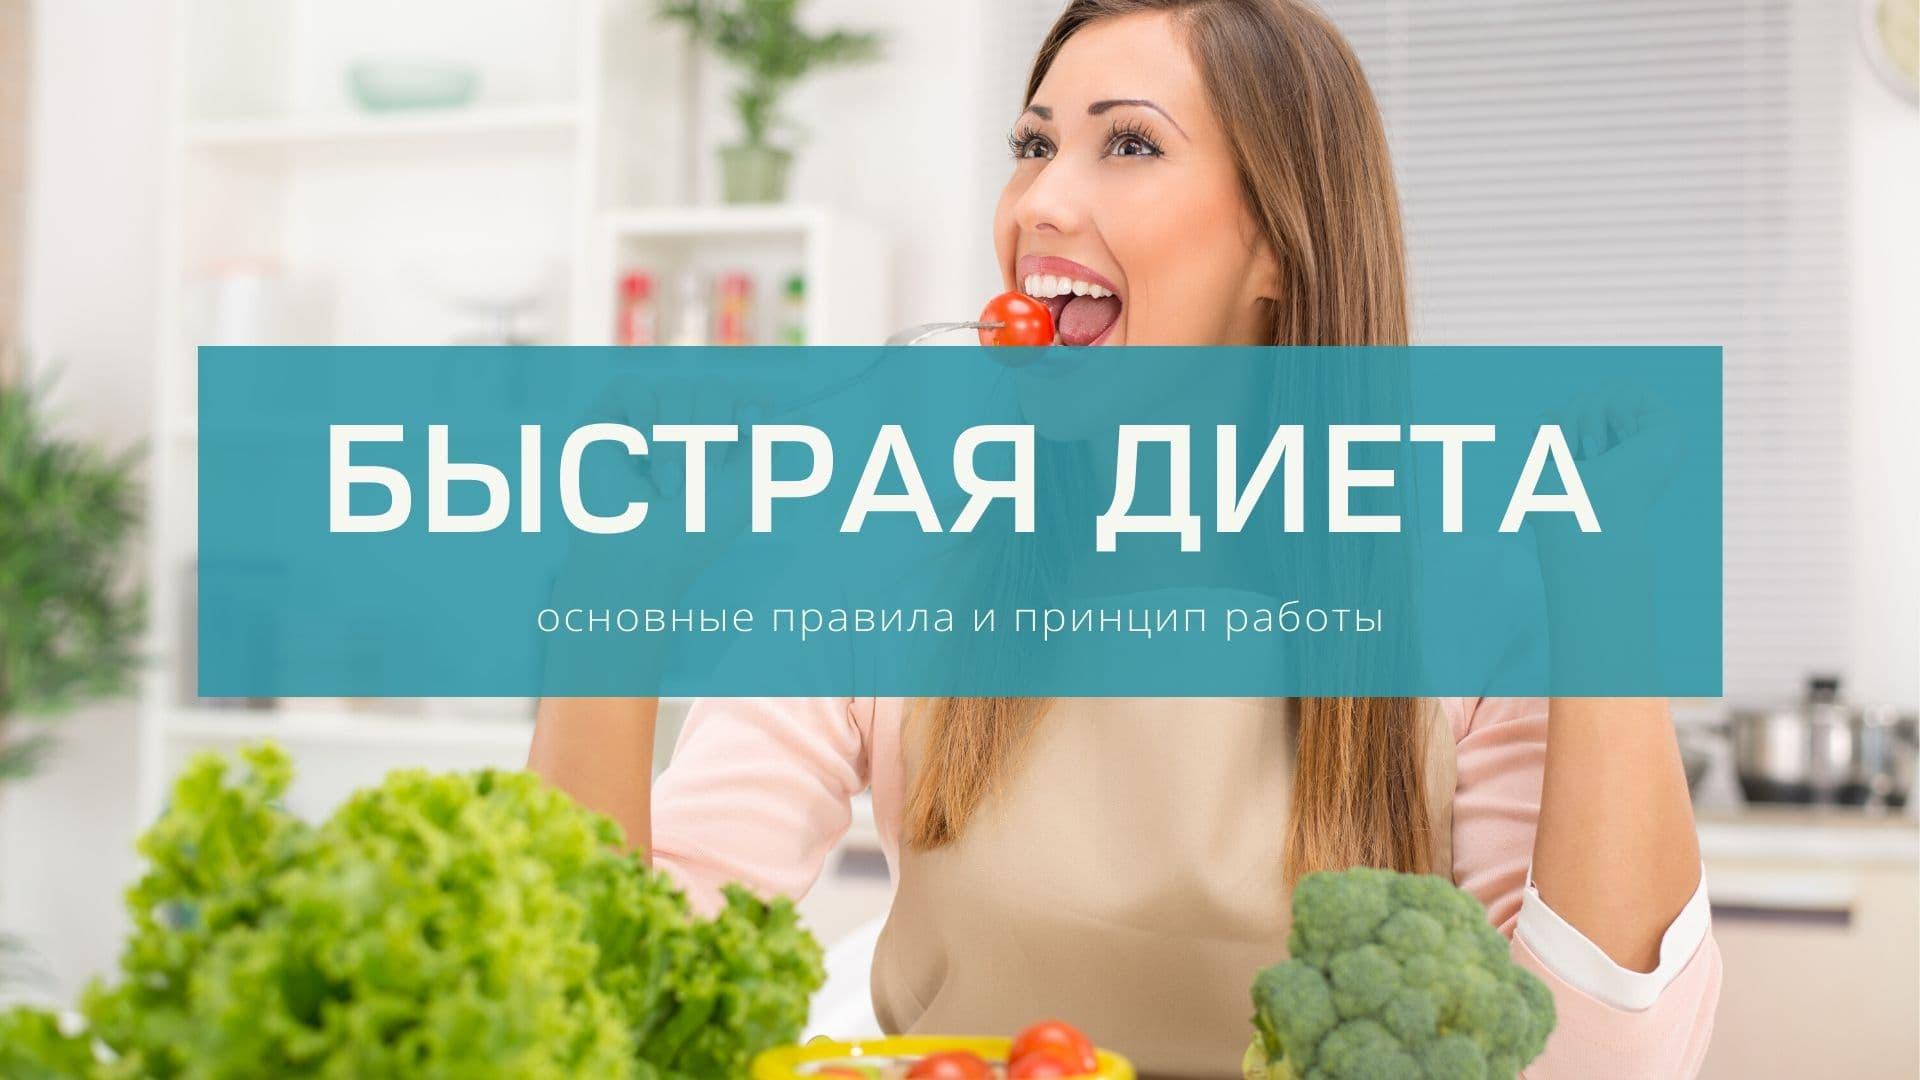 Быстрая диета: основные правила и принцип работы